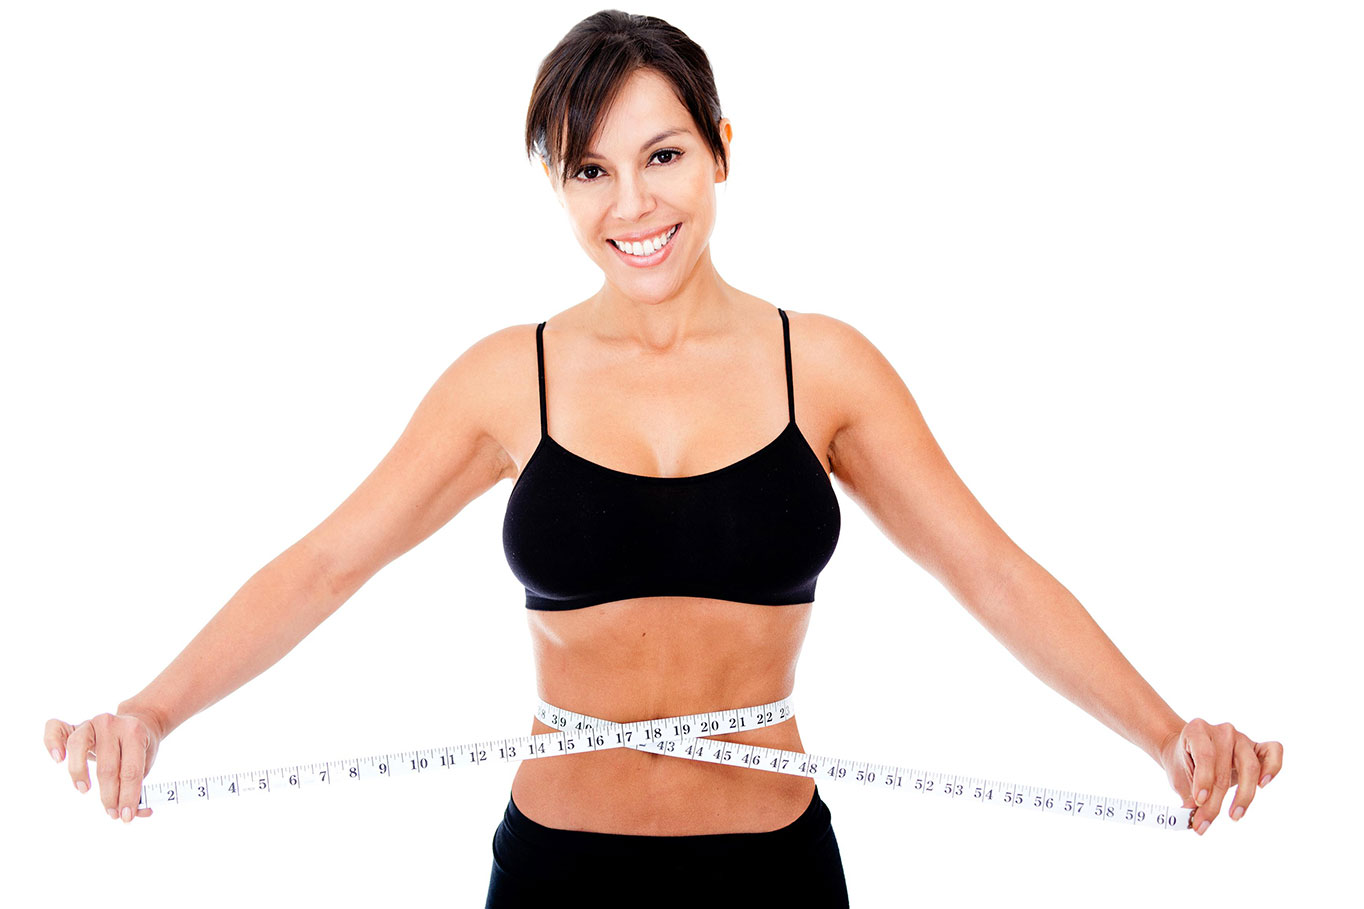 Тренировка для быстрого похудения в домашних условиях